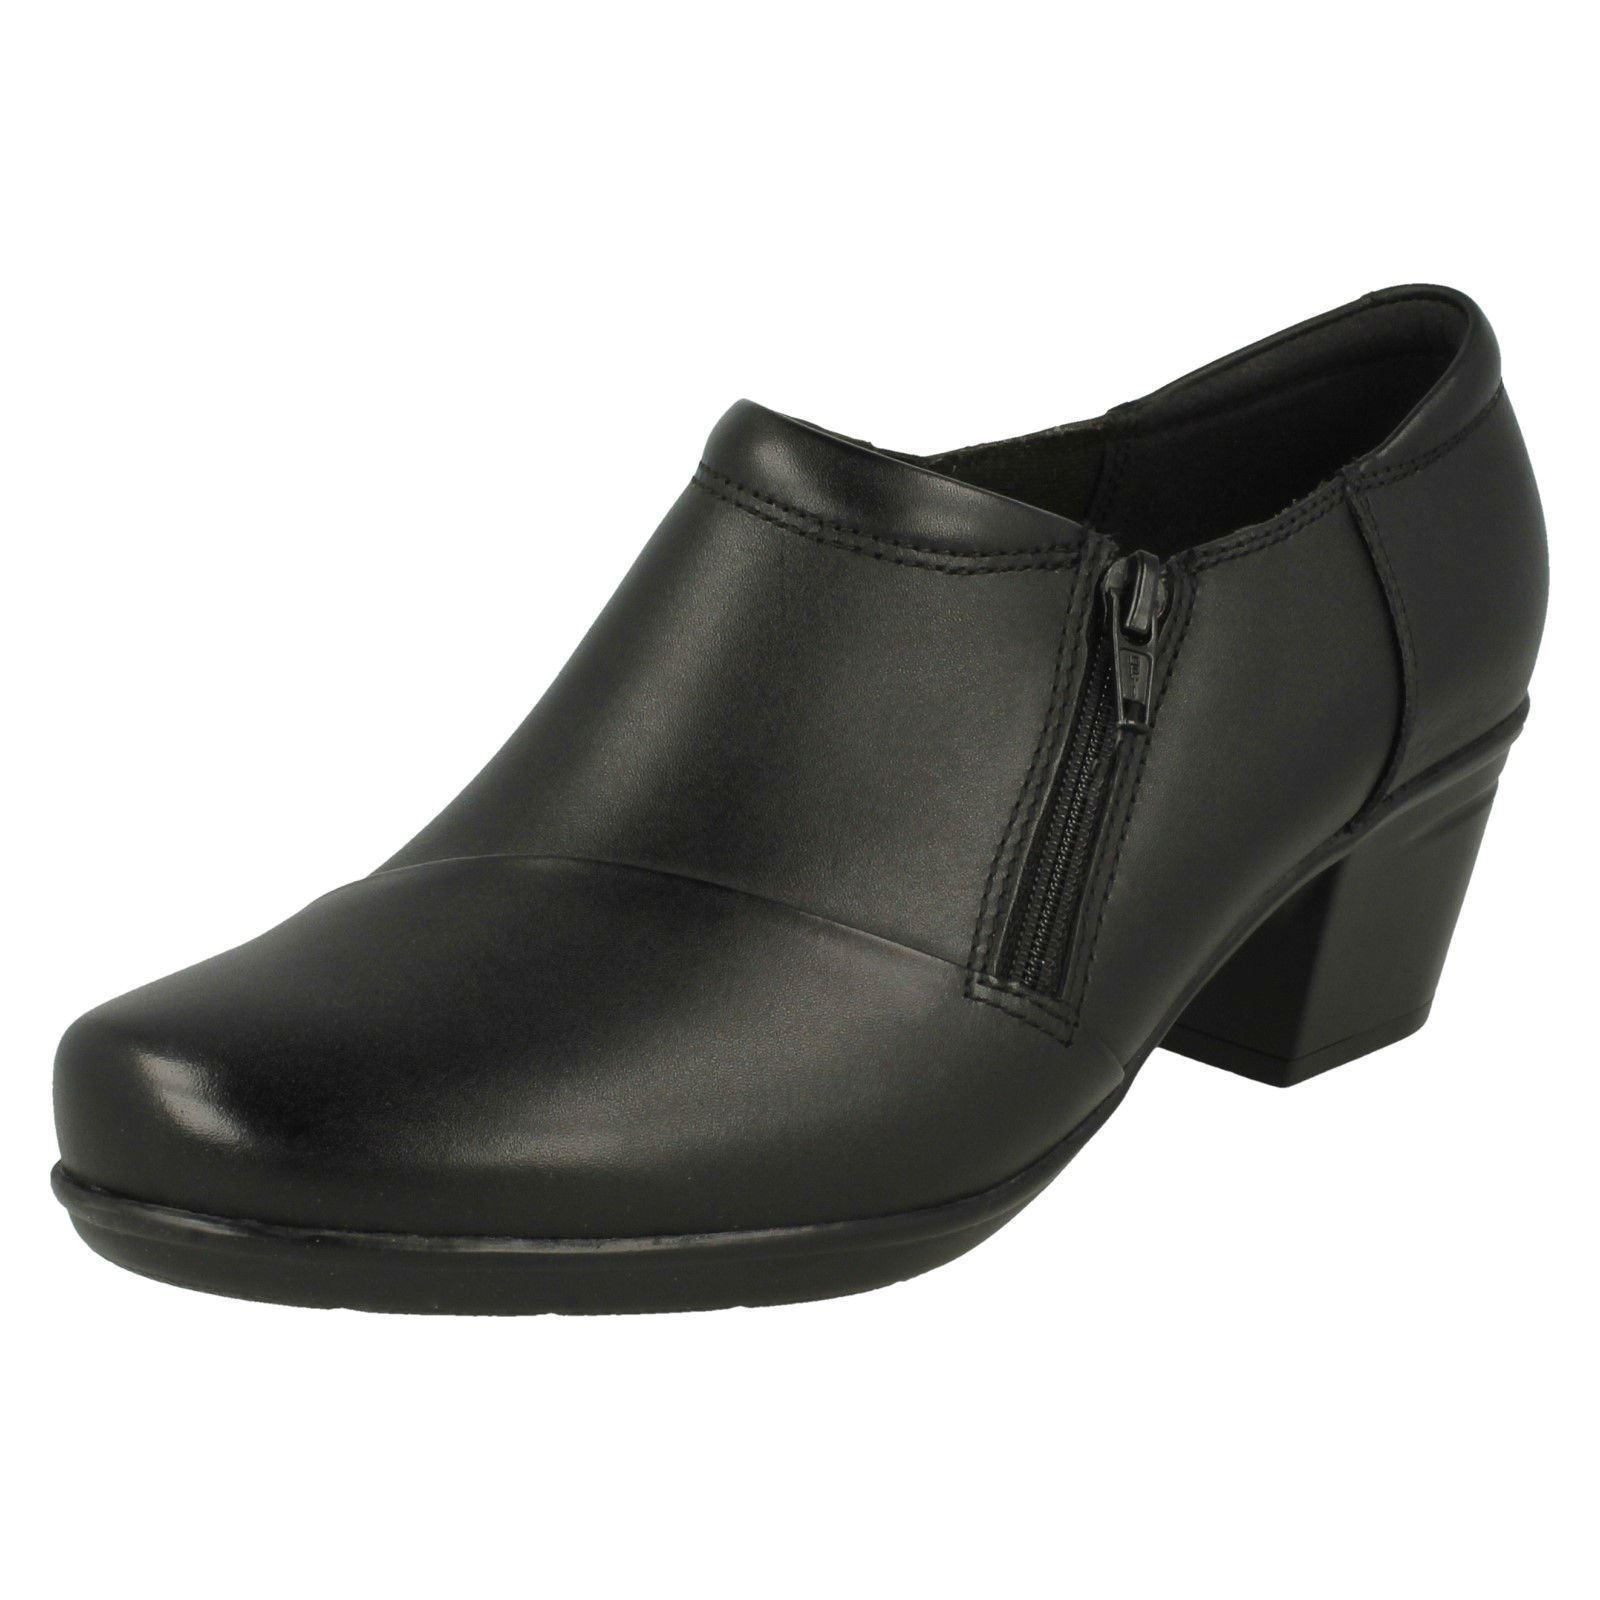 Femmes Clarks Smart Talon Et Pantalon chaussures 'em slie Claudia